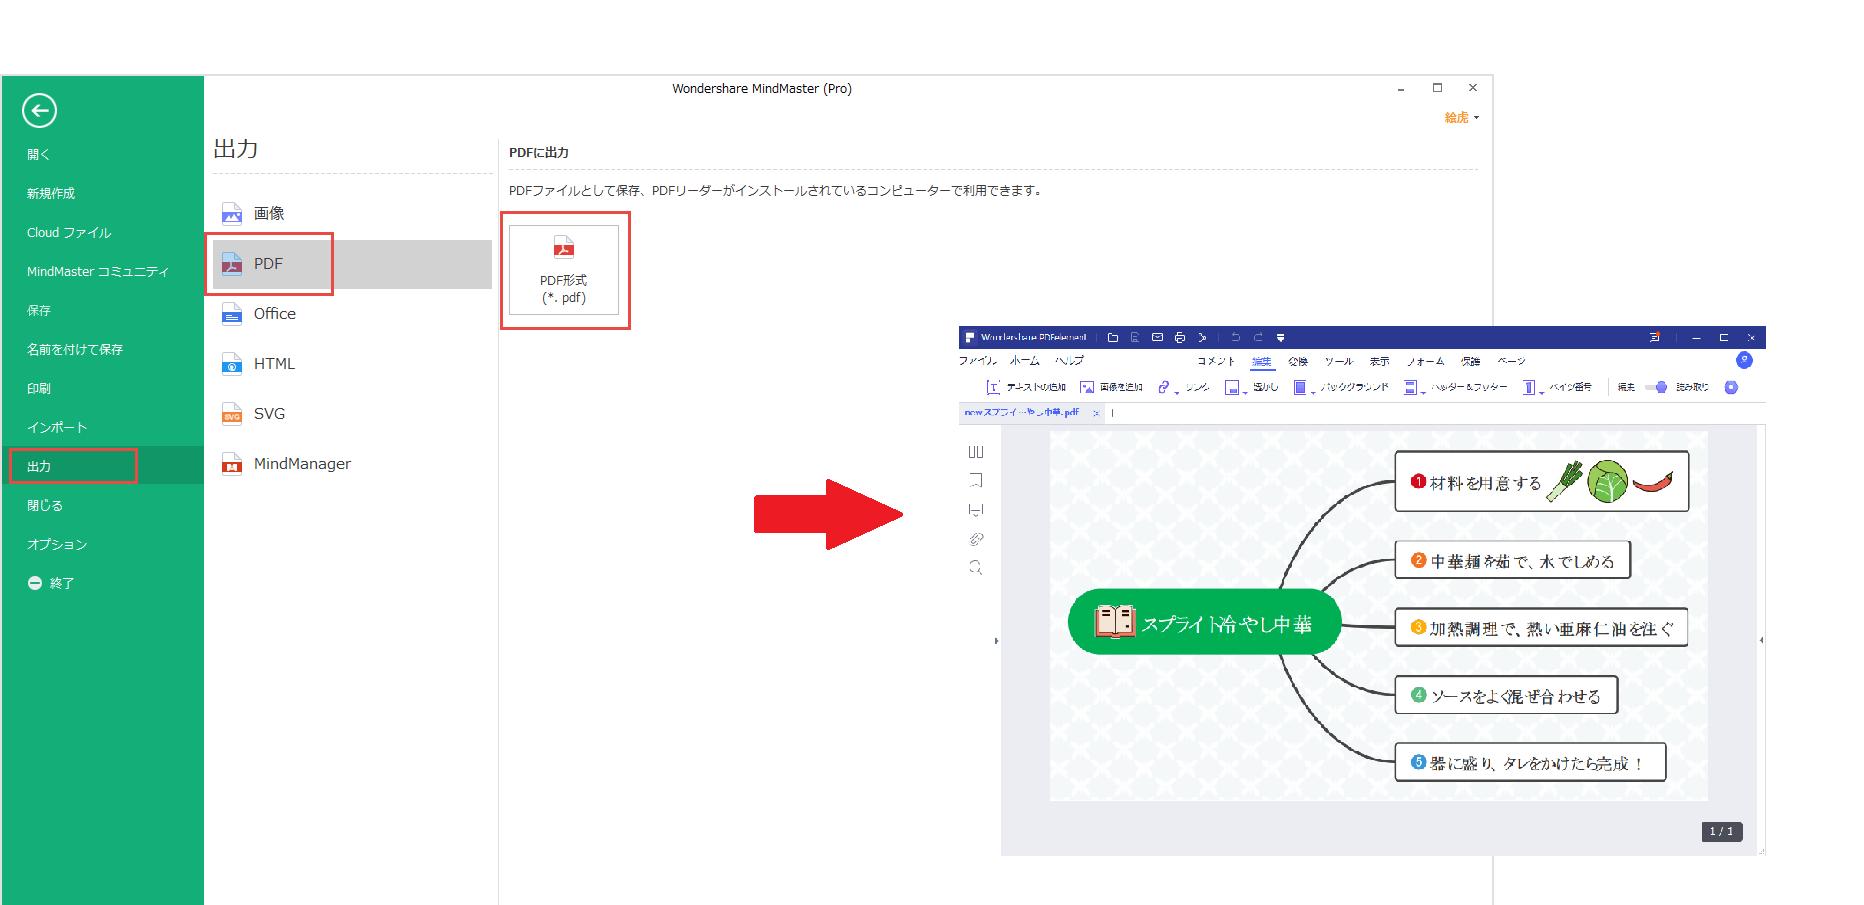 PDF マインドマップテンプレート